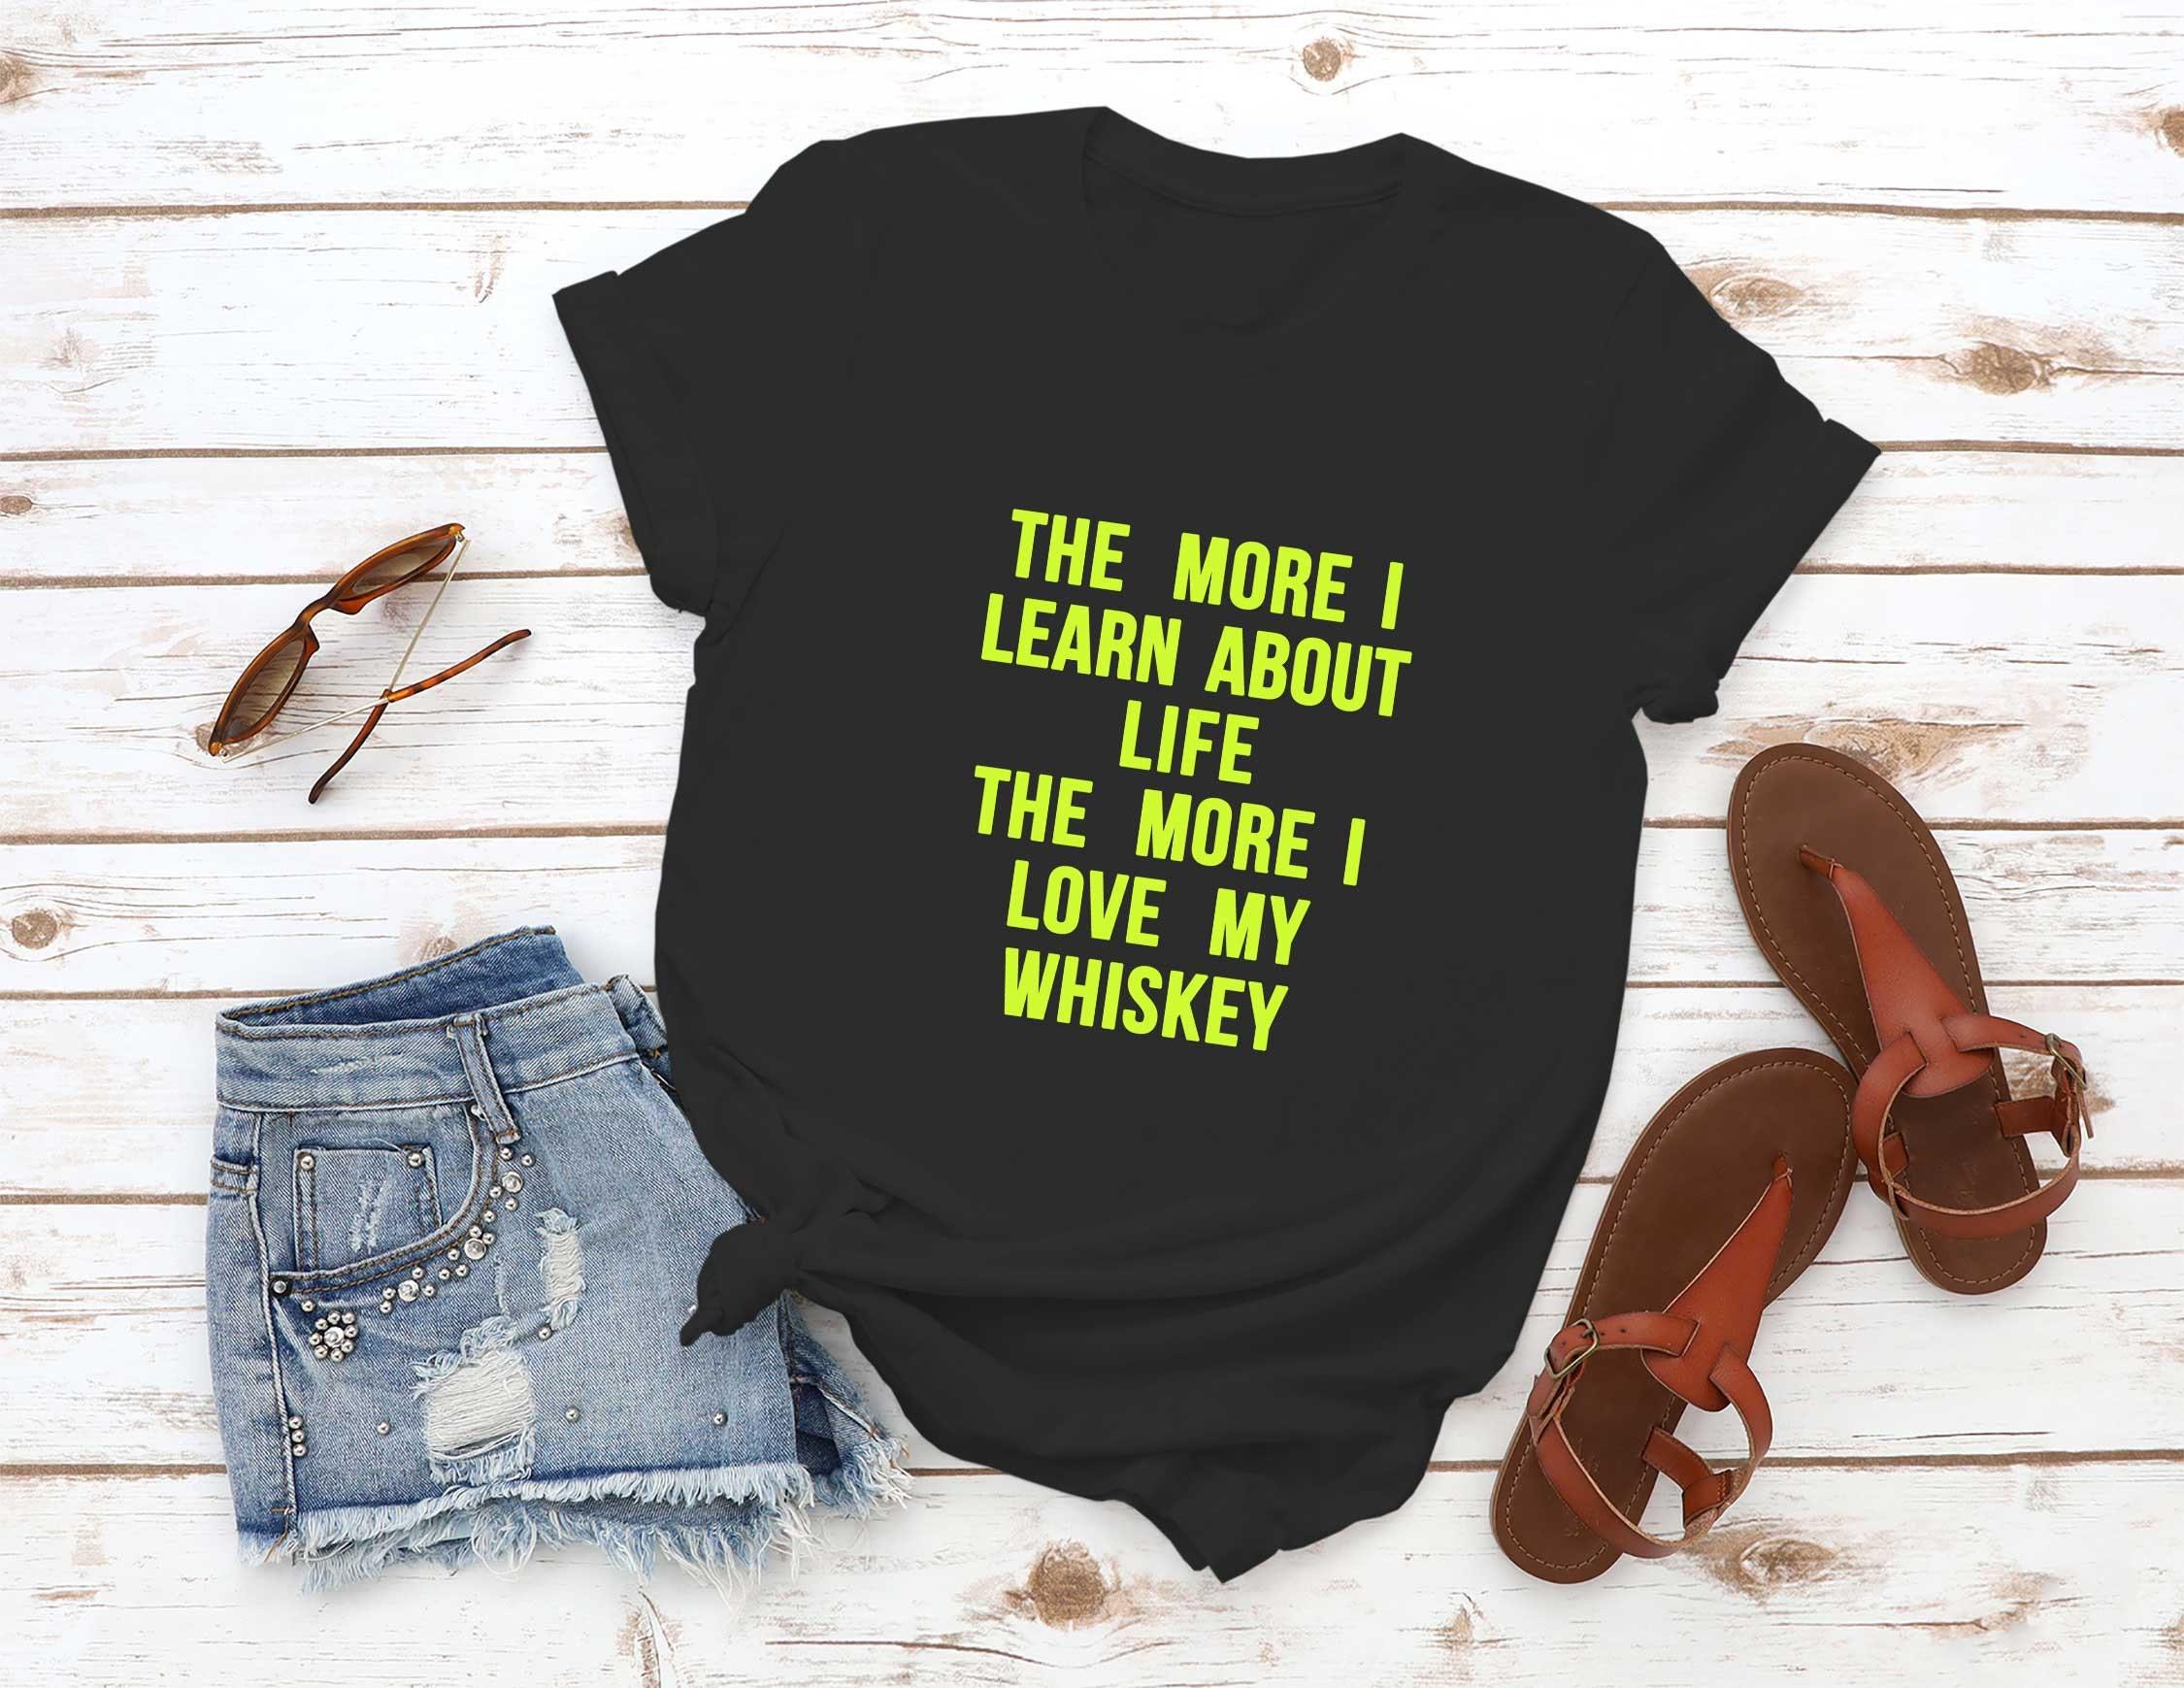 Whisky lover funny drinking t-shirt men/'s